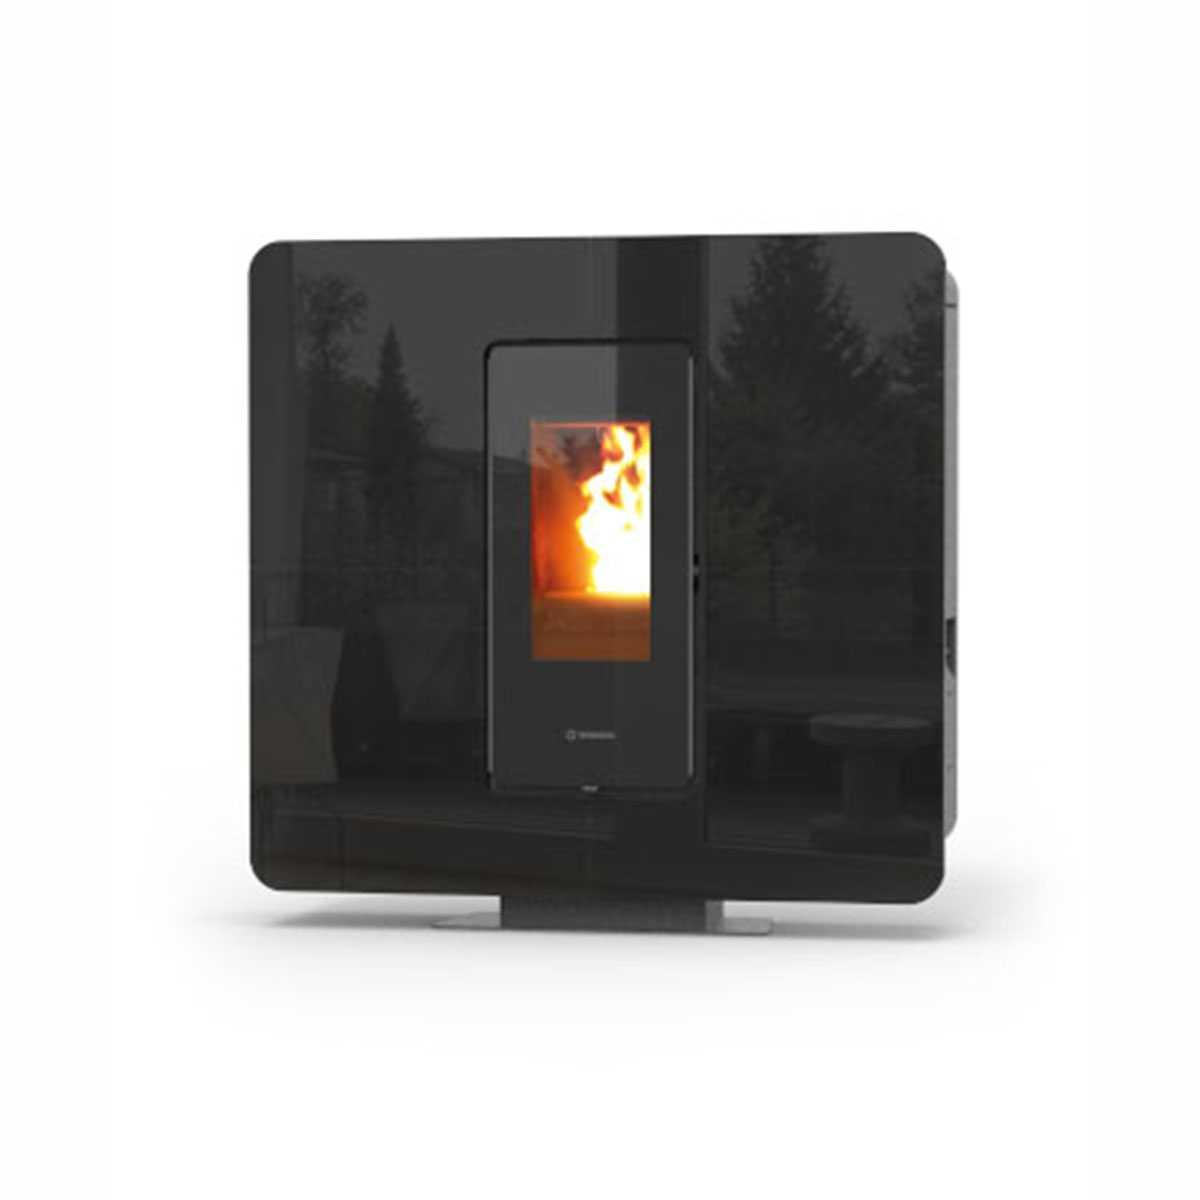 Termostufa a pellet modello  'SlimQuadro Idra maxi' con rivestimento in cristallo nero by Thermorossi